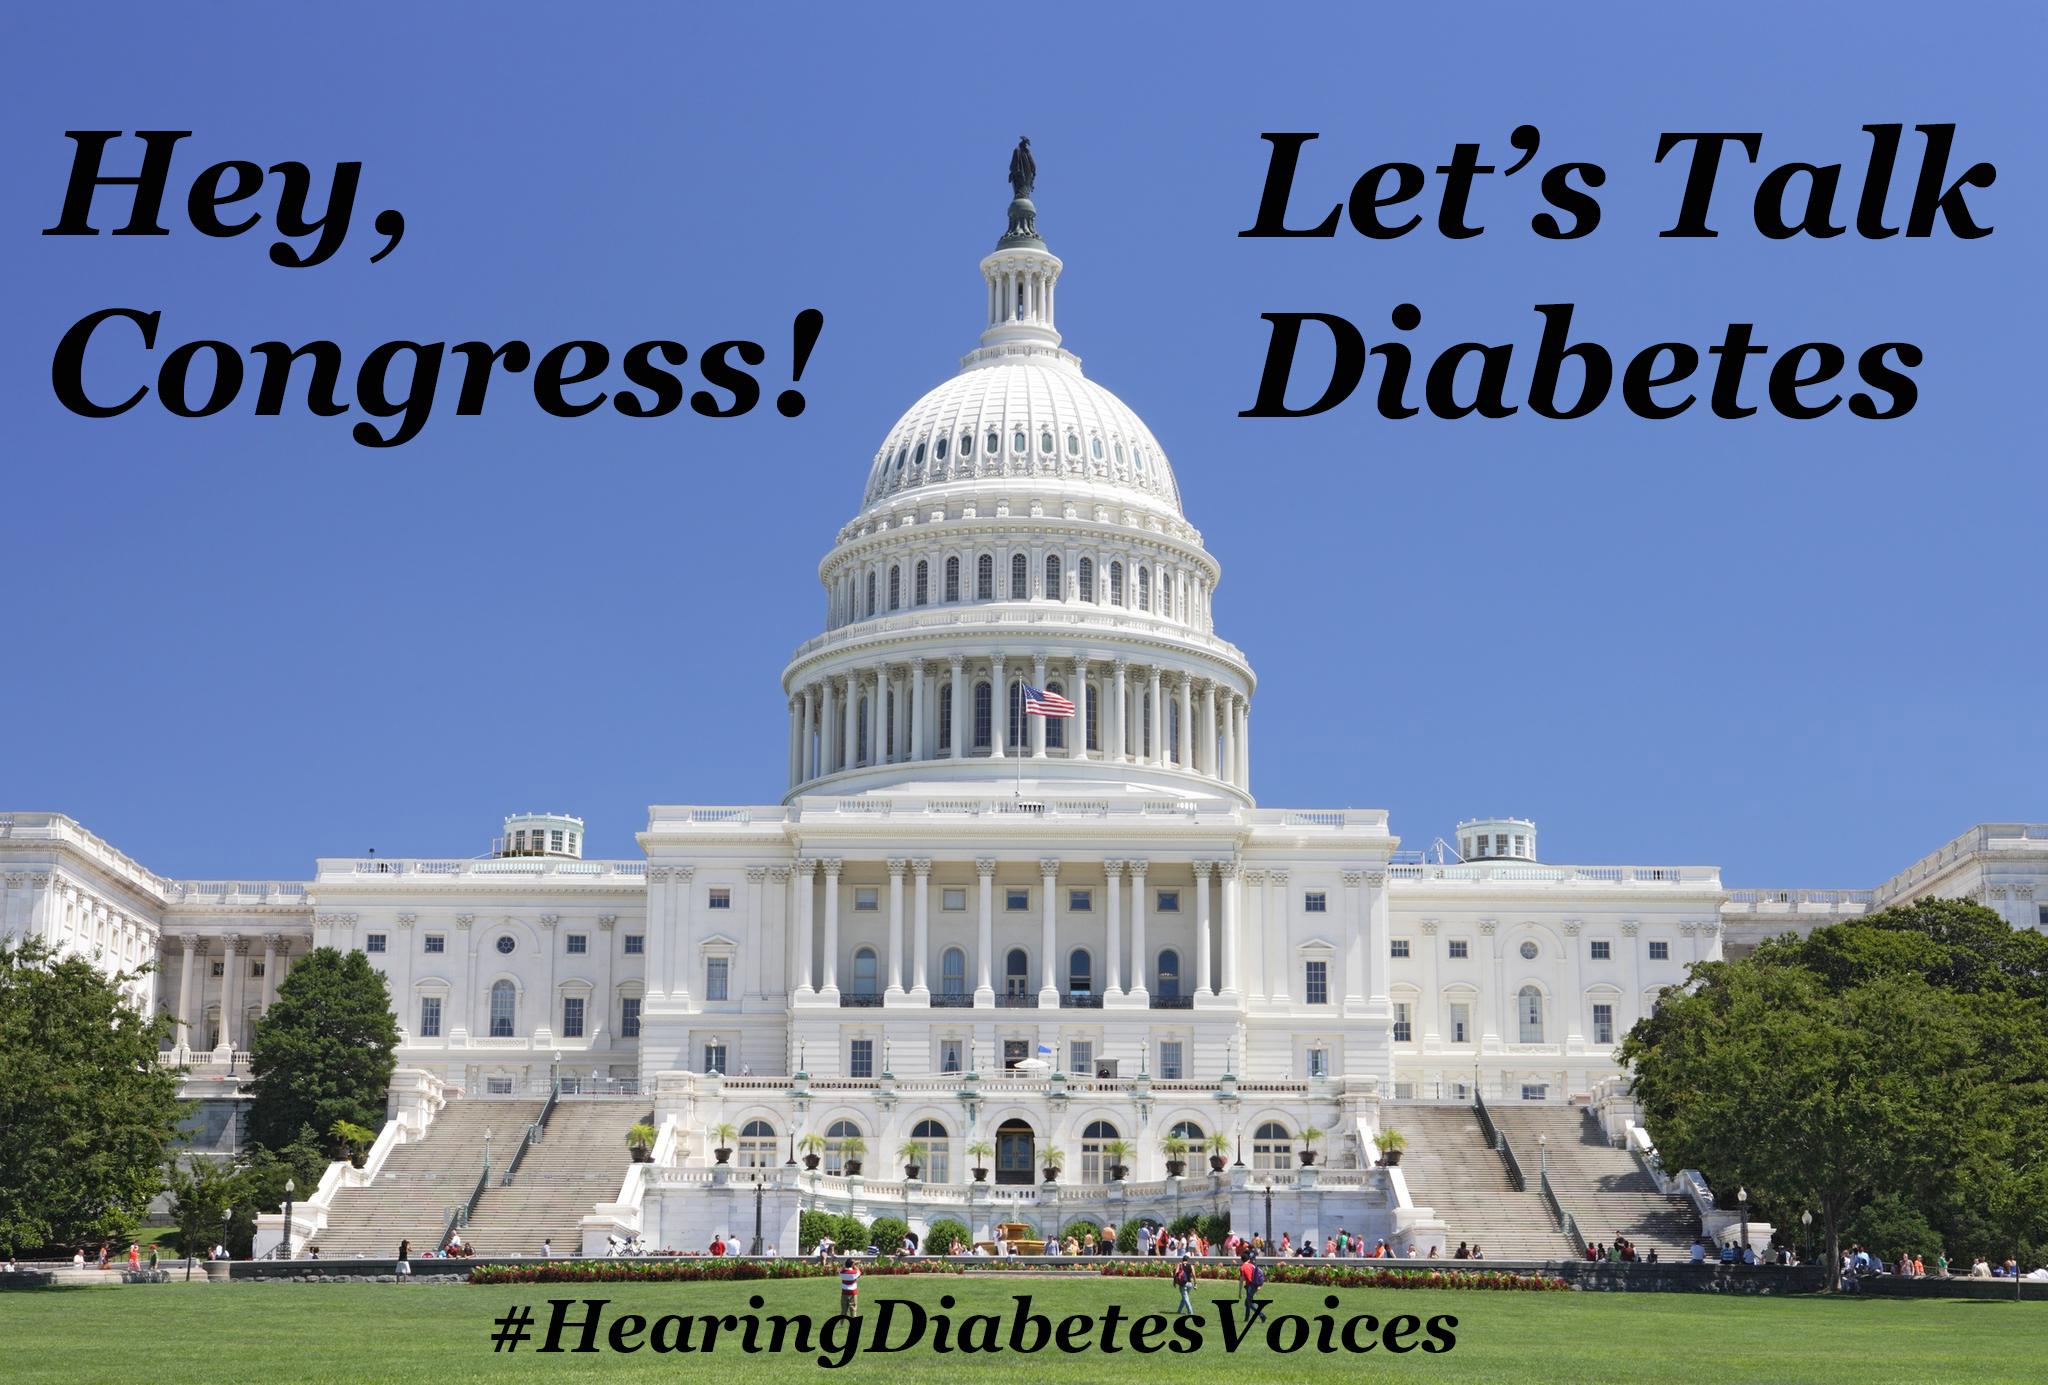 Congress and diabetes